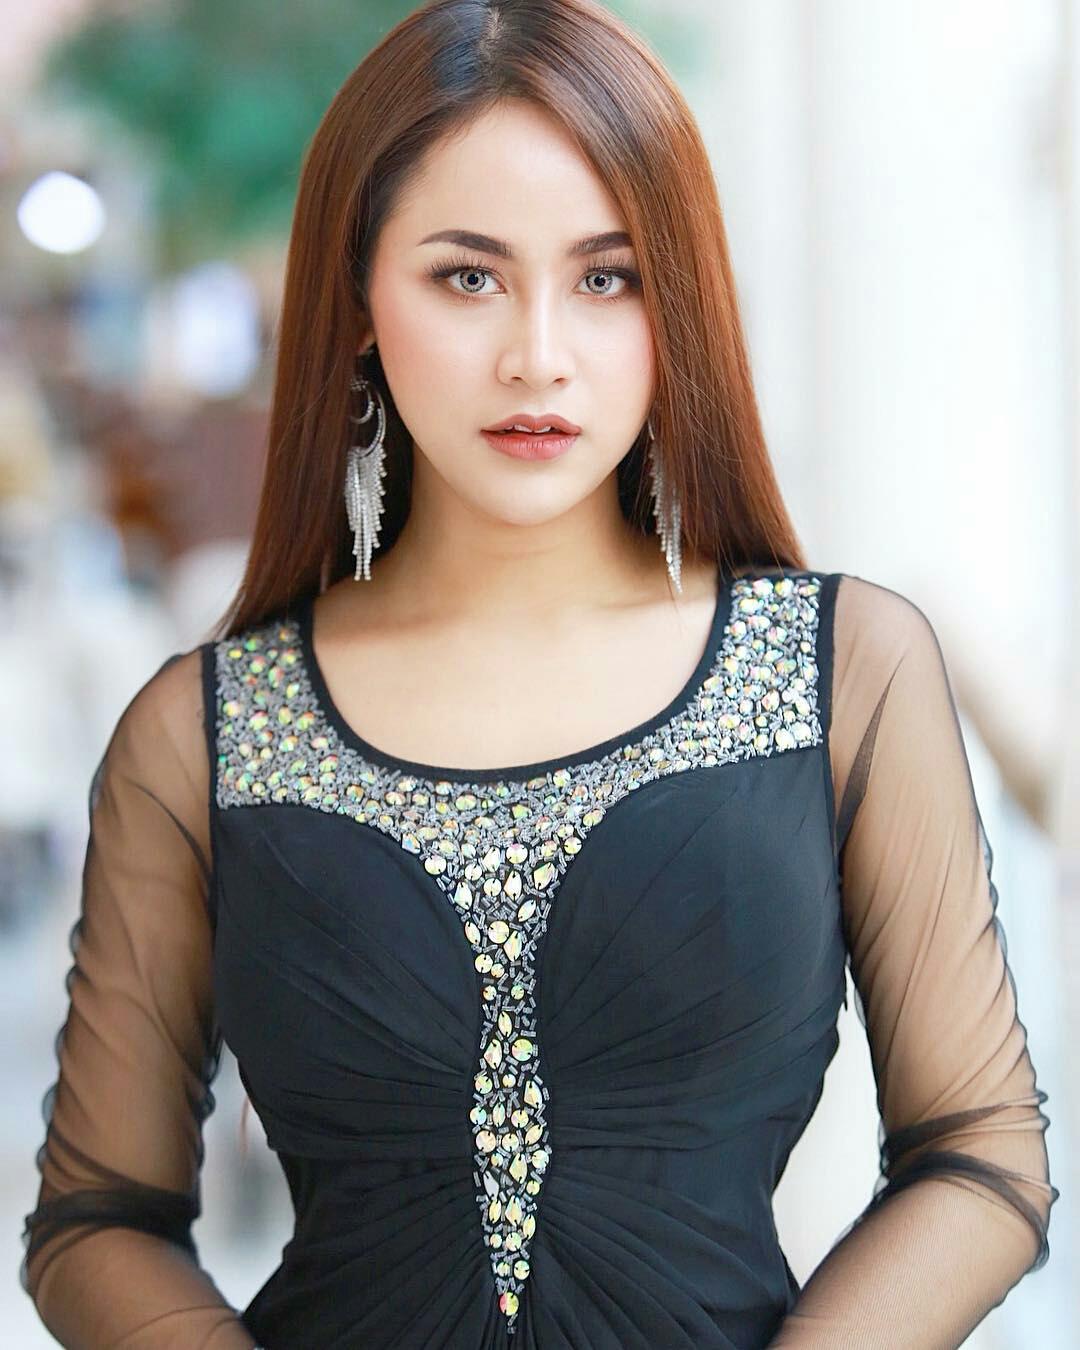 thai ladyboy models